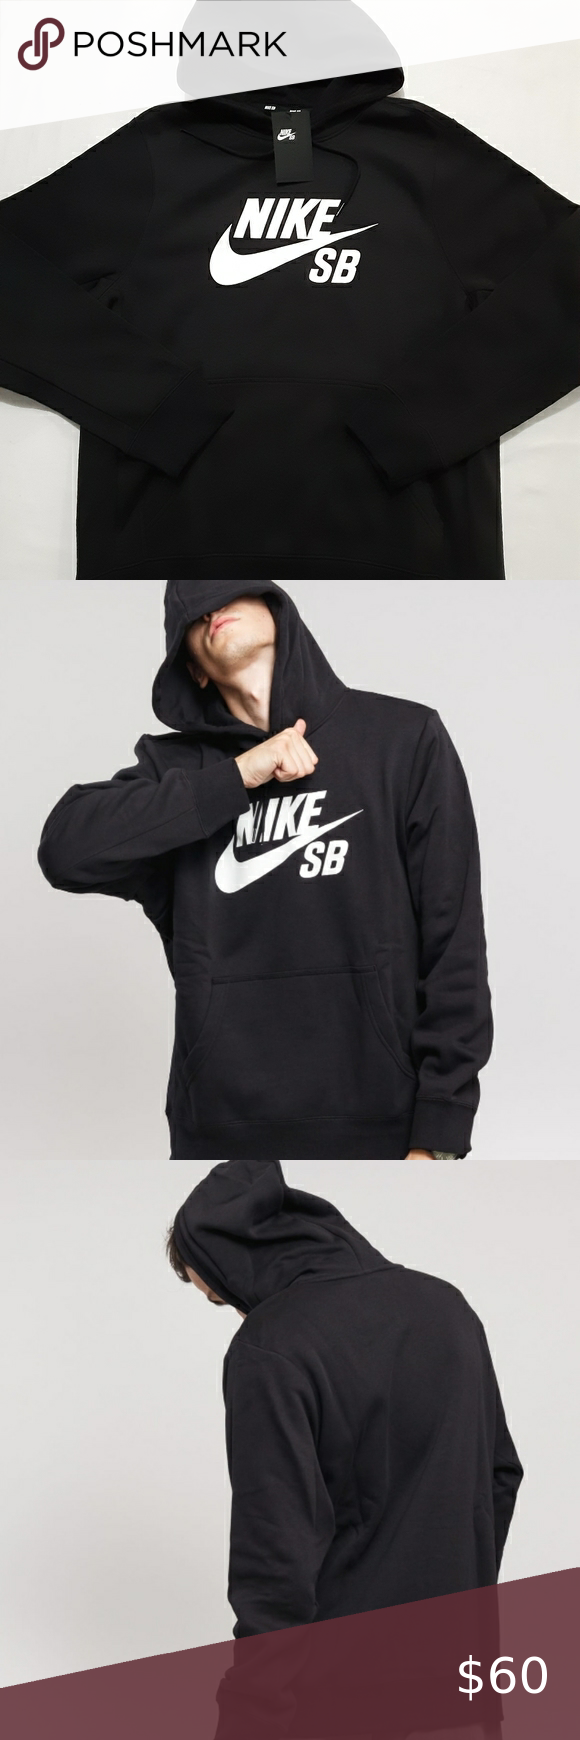 Predownload: Nike Sb Mens Hoodie Sweatshirt Black White Mens Sweatshirts Hoodie Hoodies Men Sweatshirts Hoodie [ 1740 x 580 Pixel ]